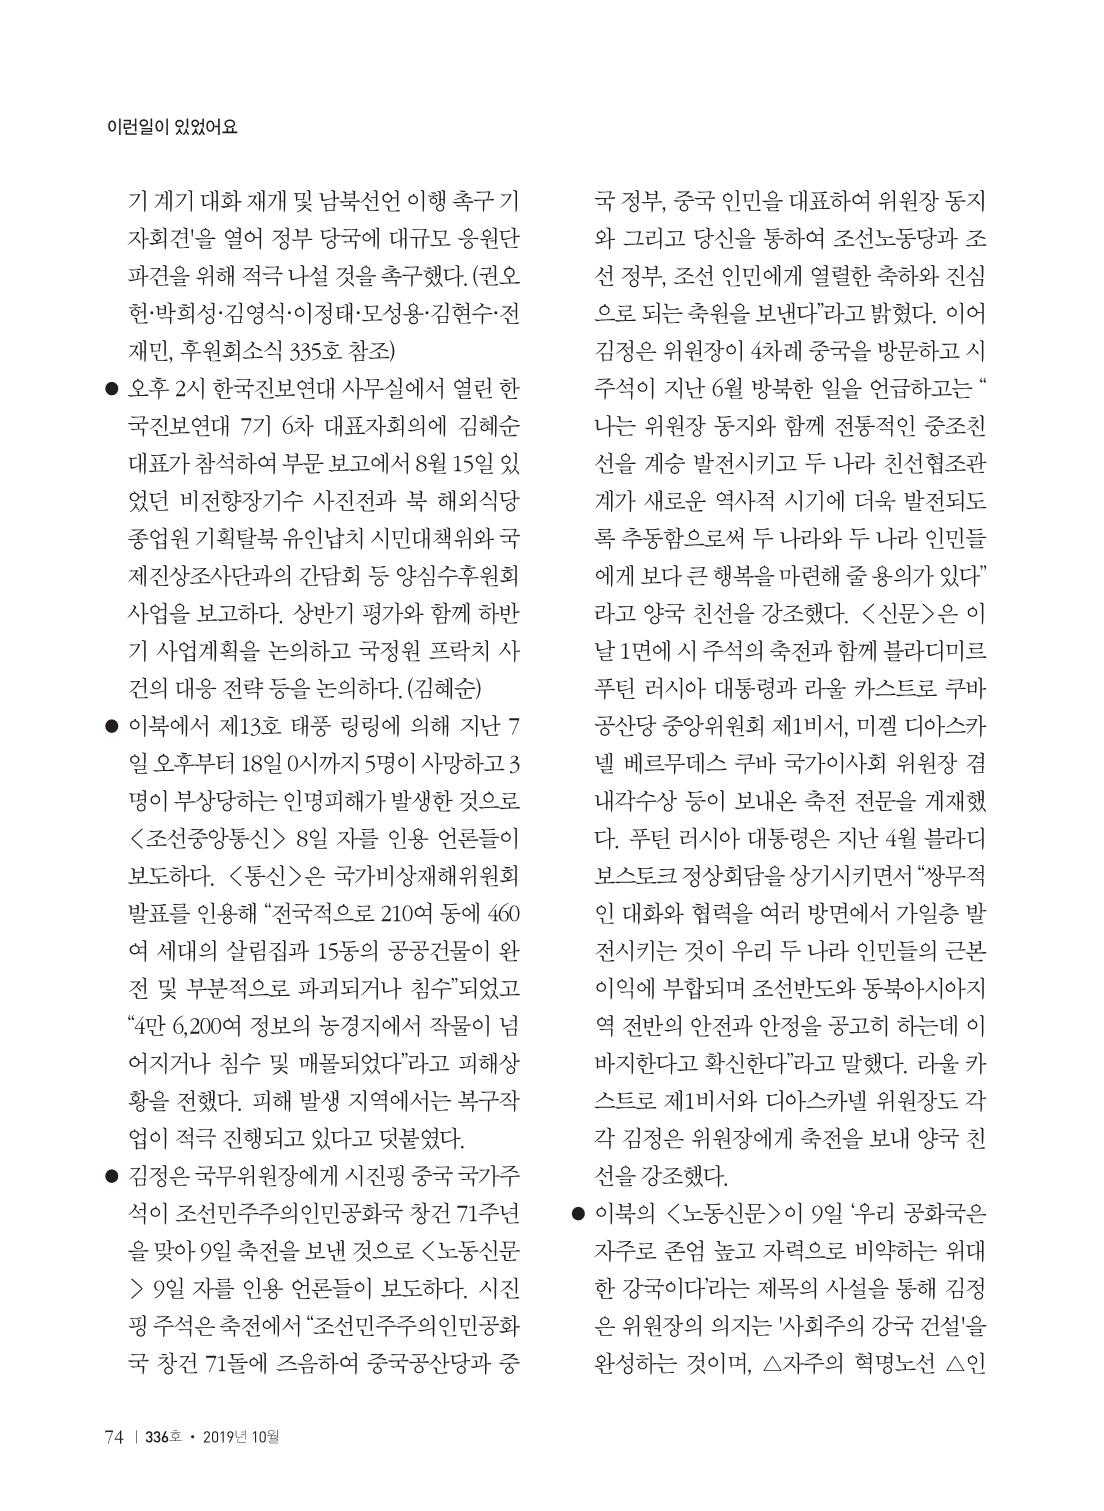 154780e2-c93e-4795-937d-bbcc14642e29.pdf-0076.jpg